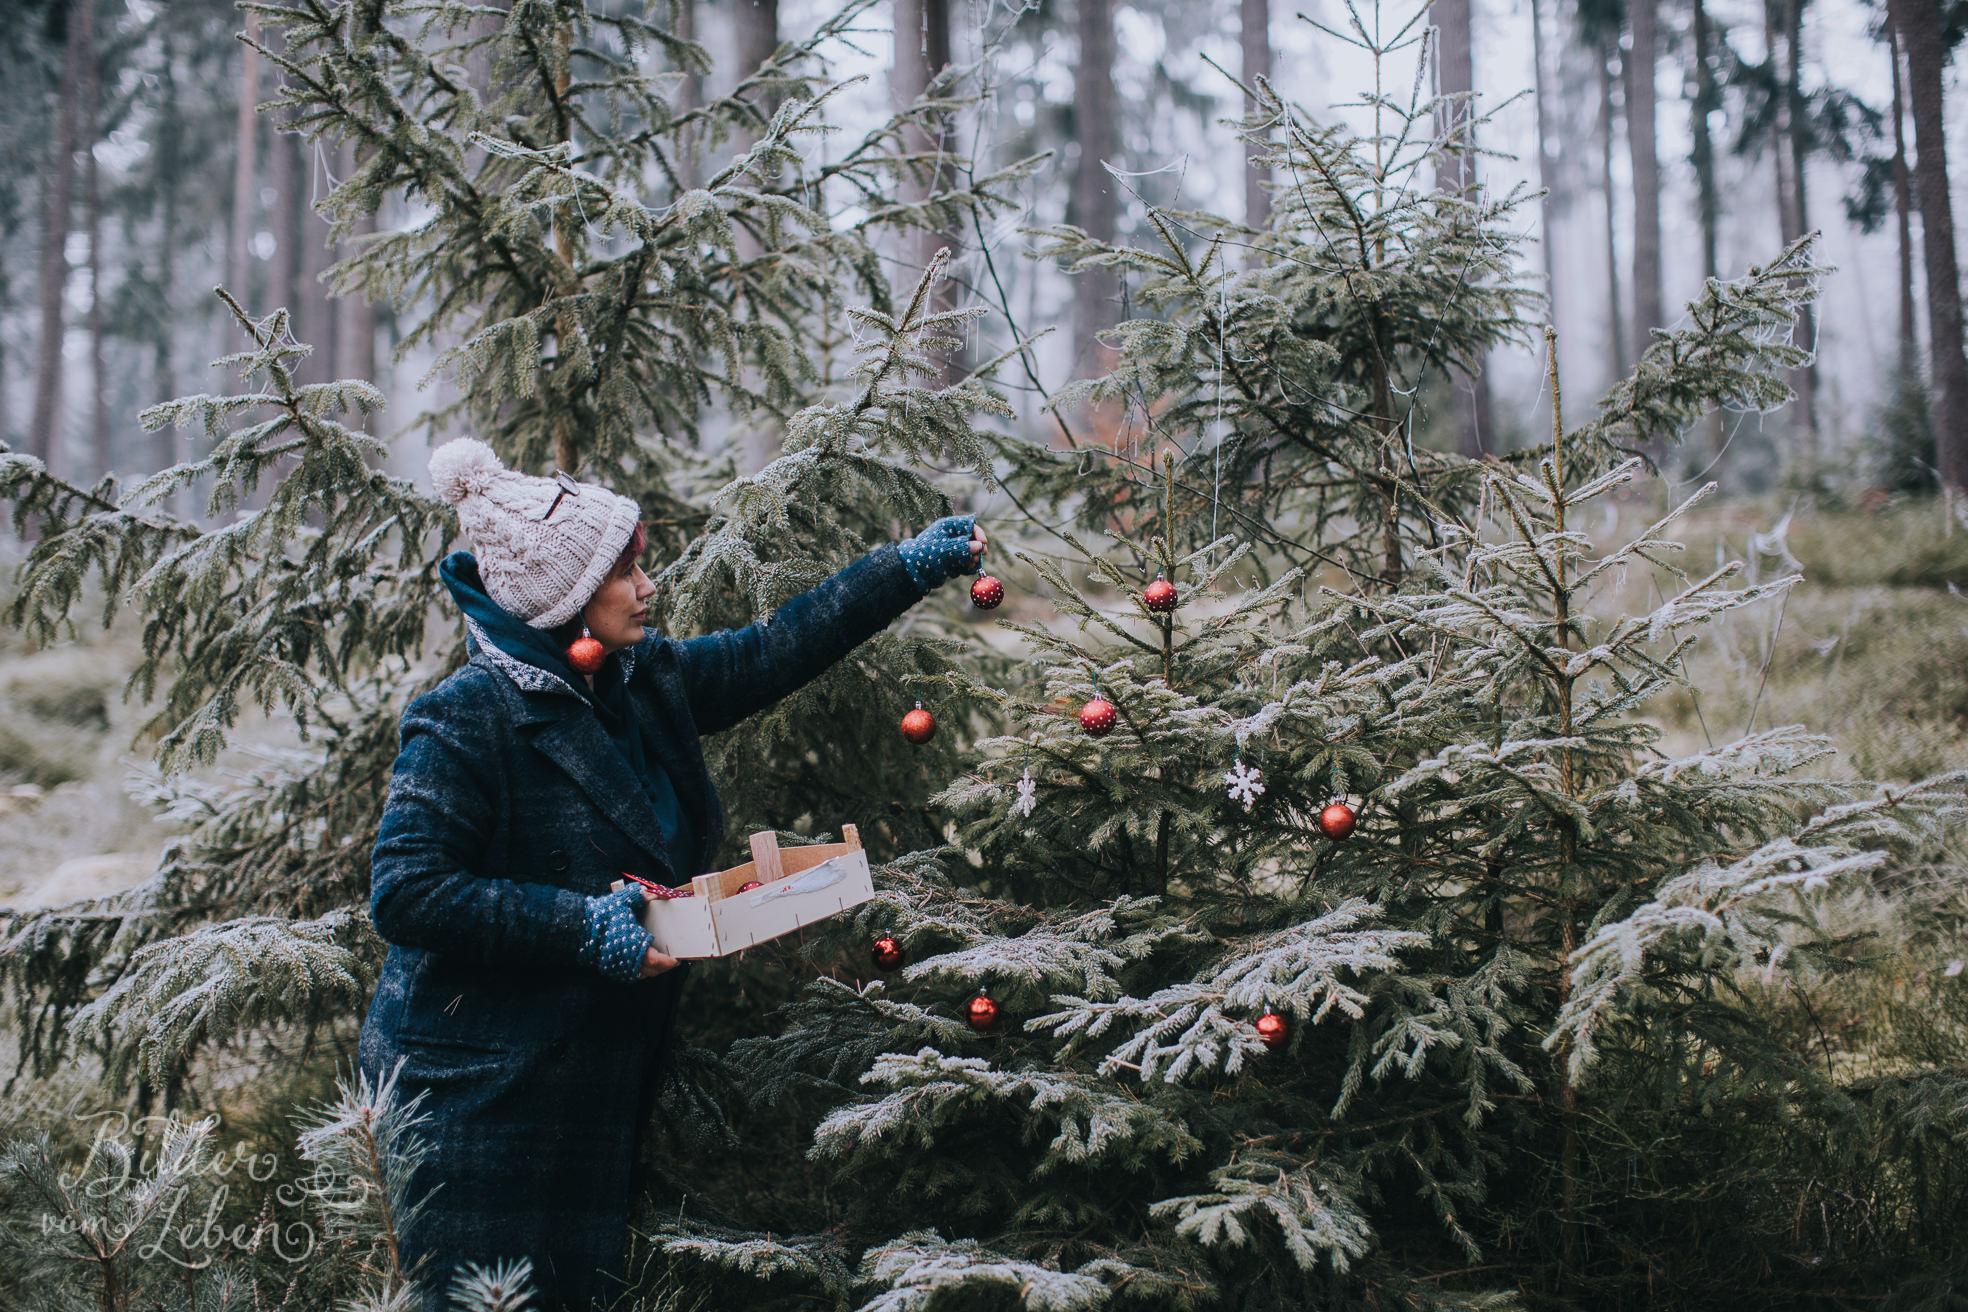 0033weihnachten-bildervomleben-imc39620